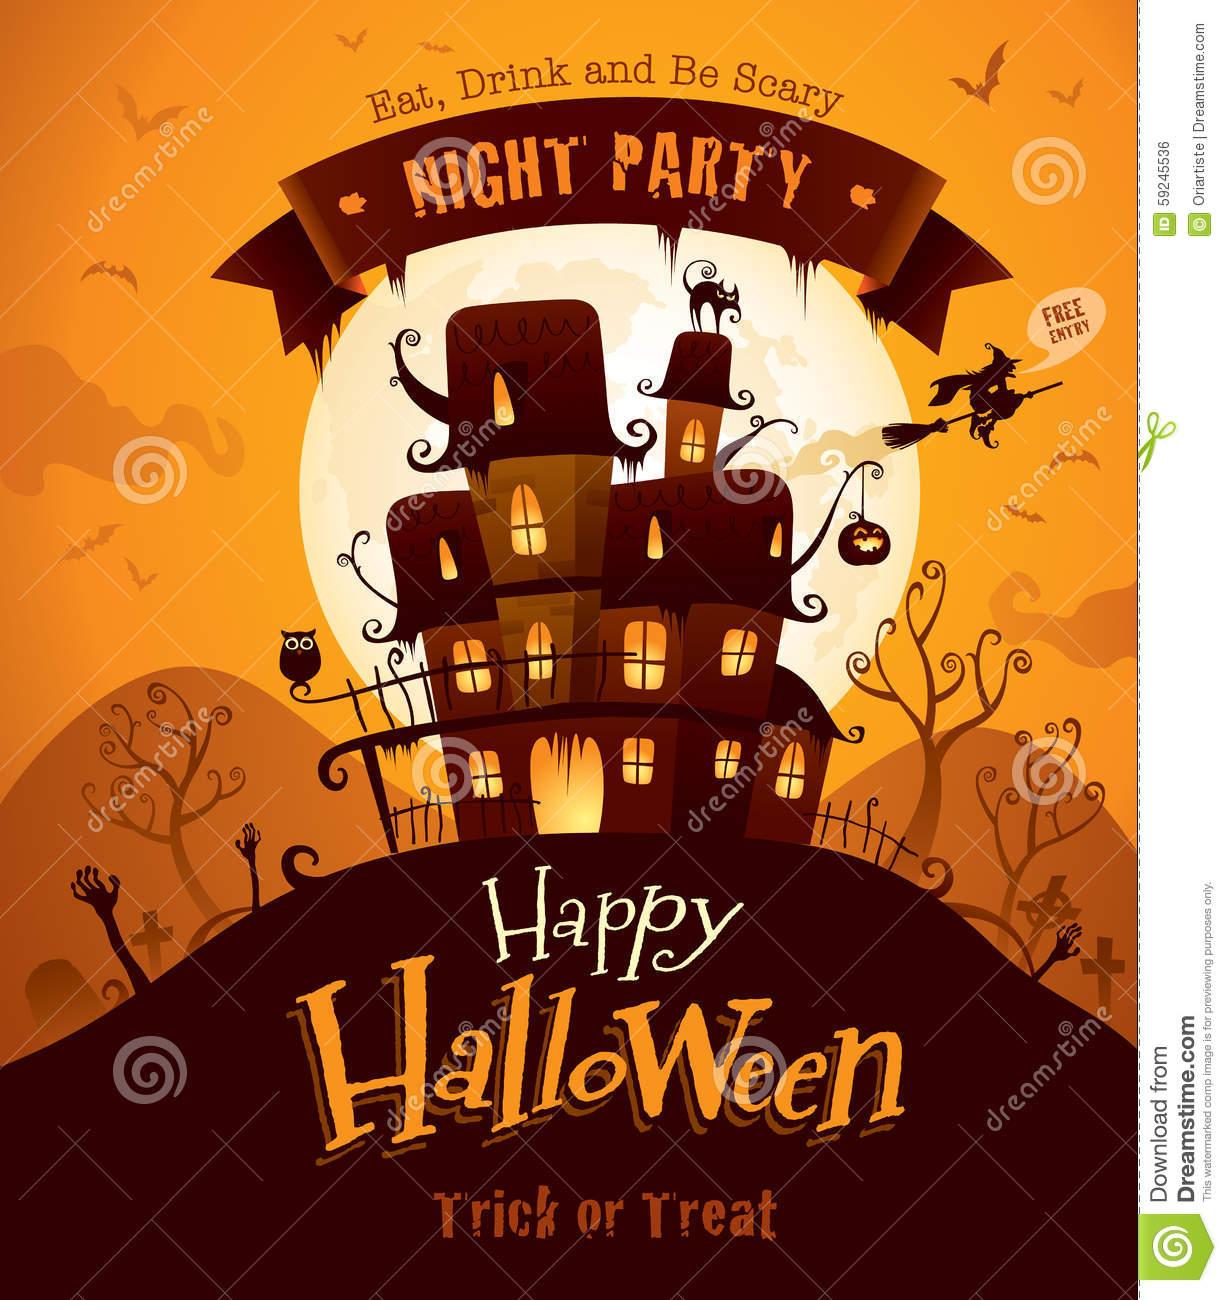 Halloween Poster Stock Vector.